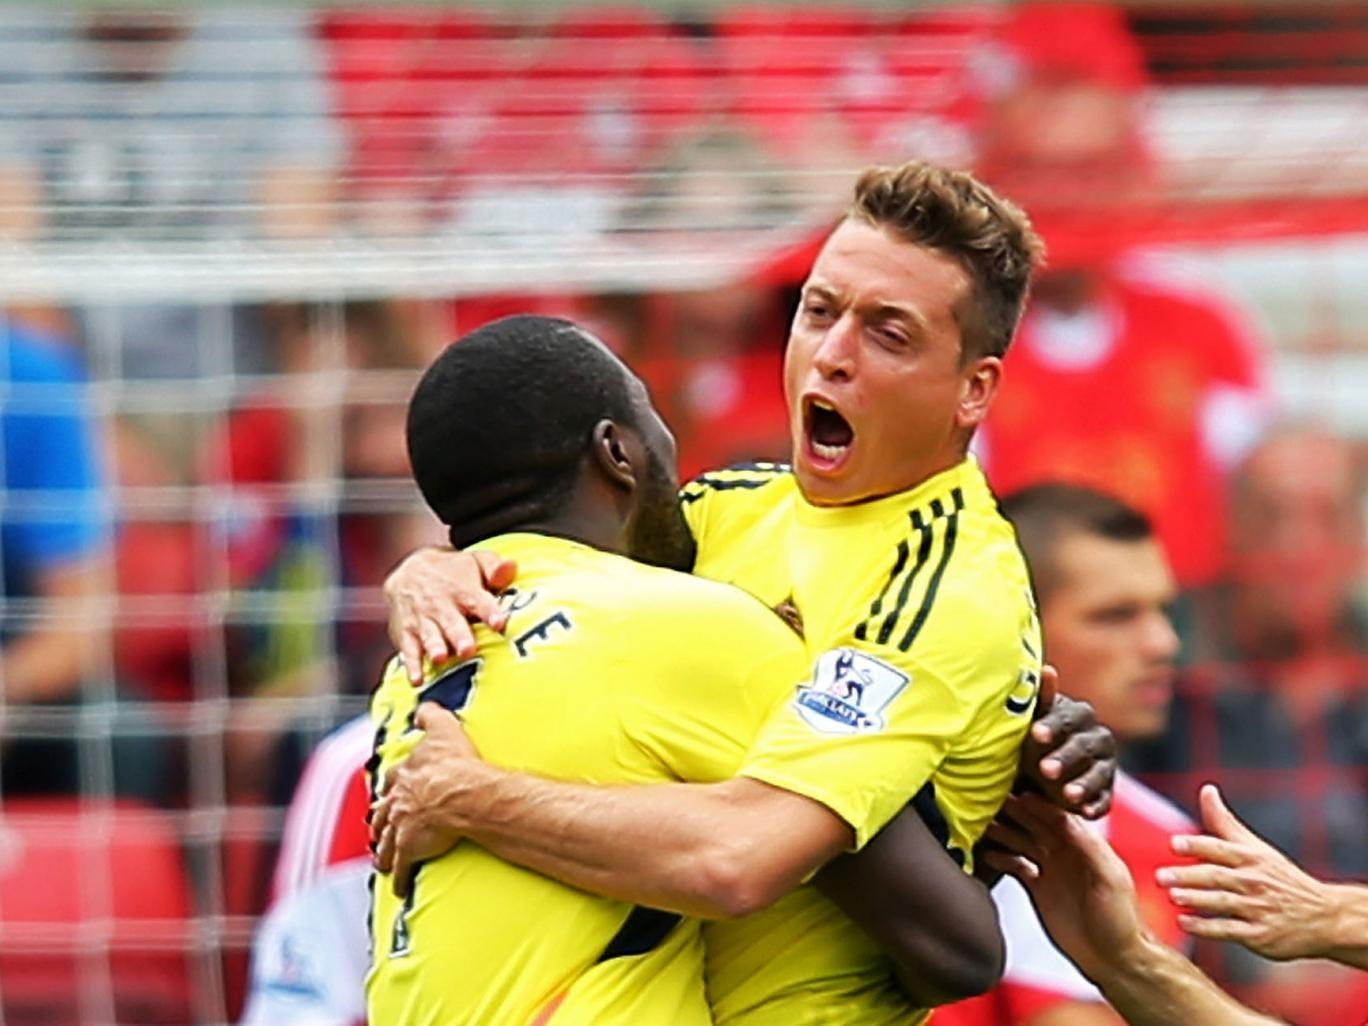 Emanuele Giaccherini opens the scoring for Sunderland